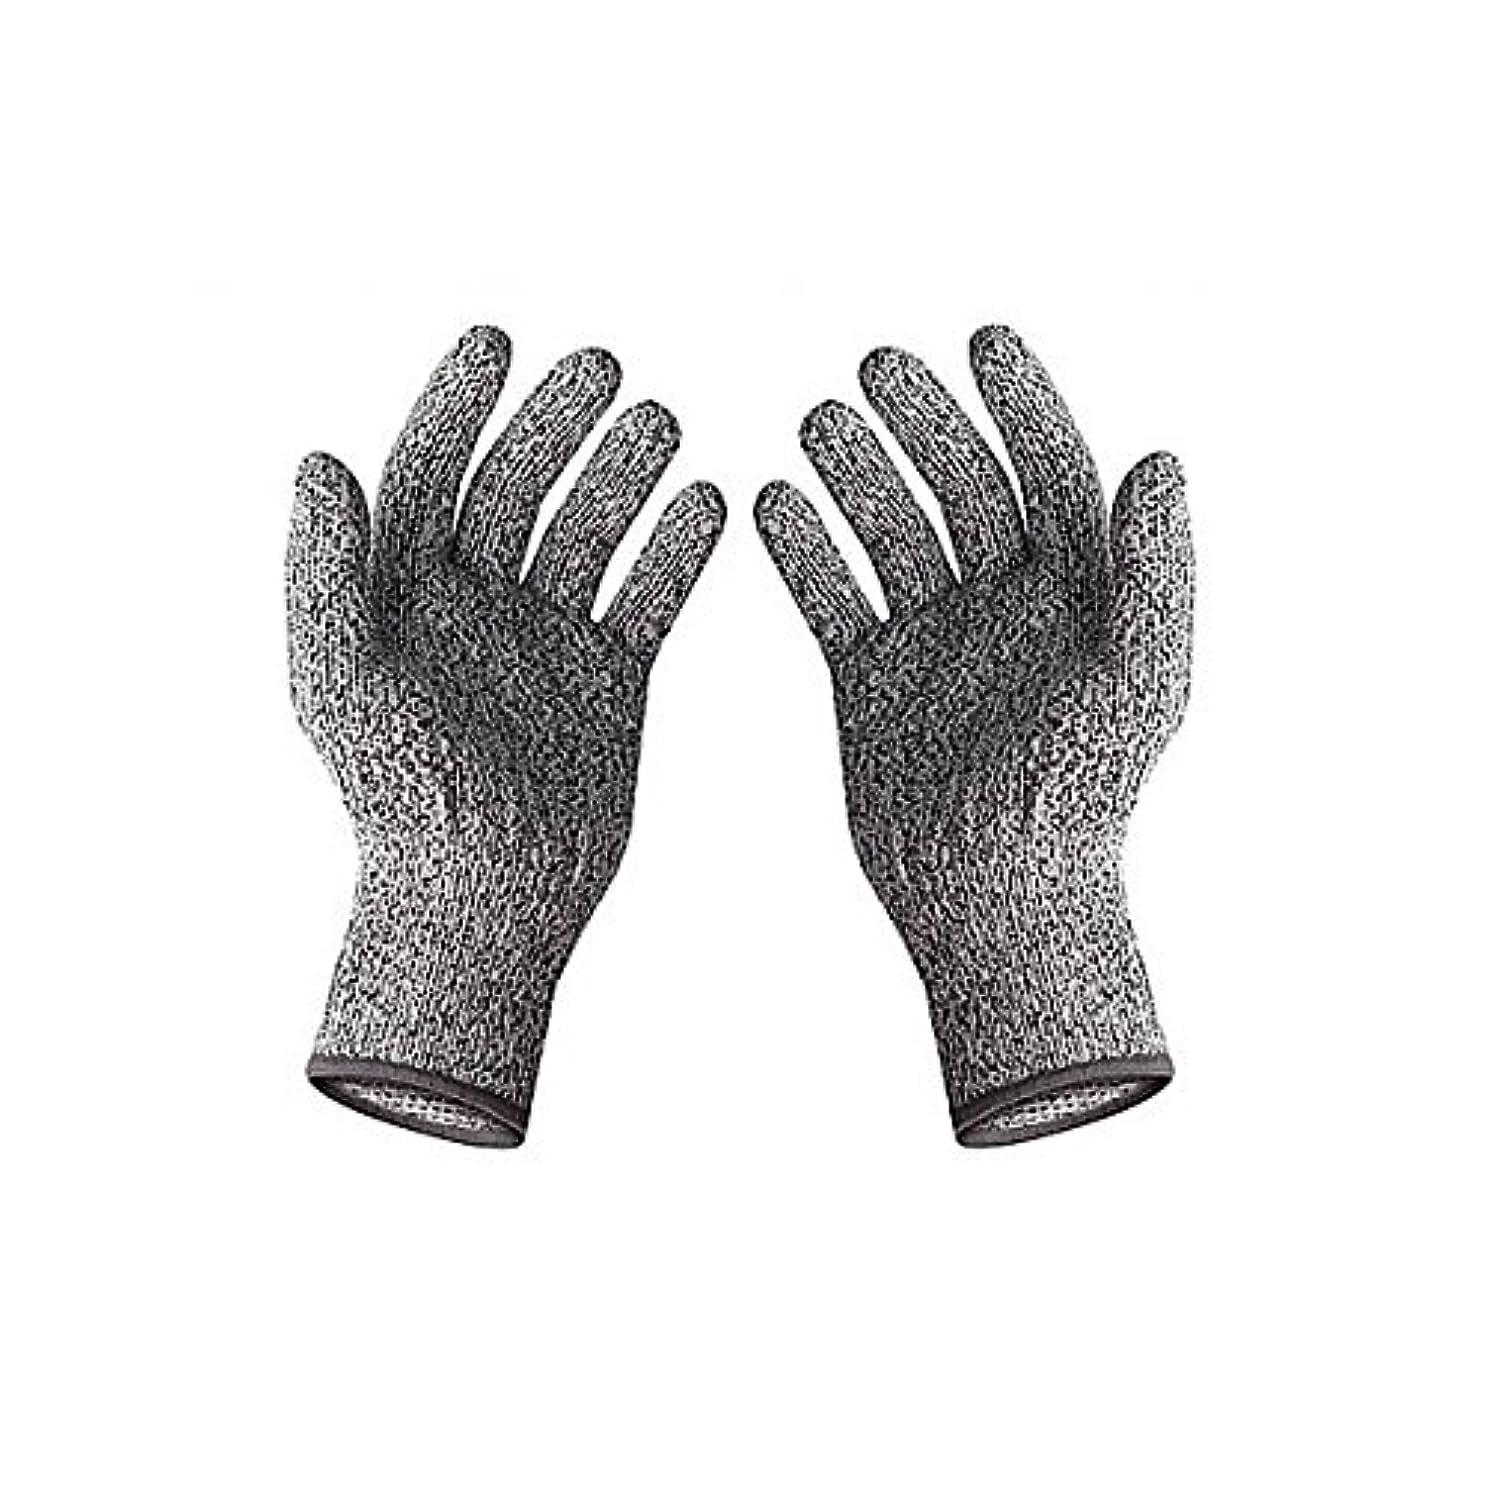 MIRACLE 切れない手袋 防刃手袋 左右セット 軍手 耐刃手袋 防刃グローブ 作業用手袋 DIY 大工 (Sサイズ) MC-HPPETE-S